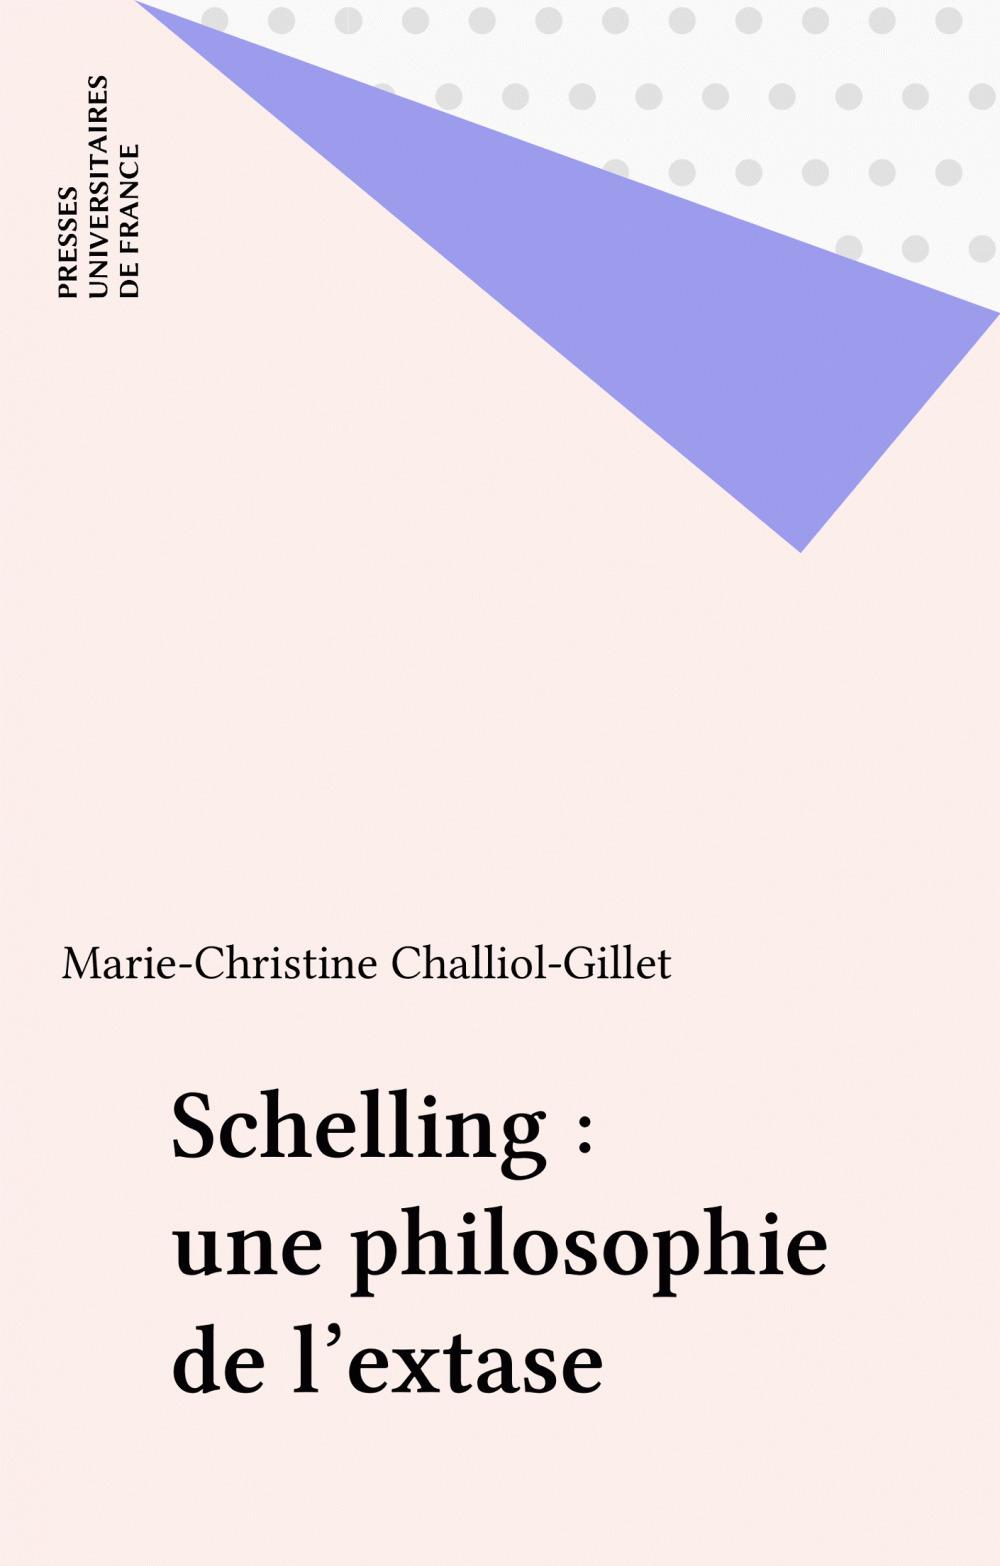 Schelling : une philosophie de l'extase